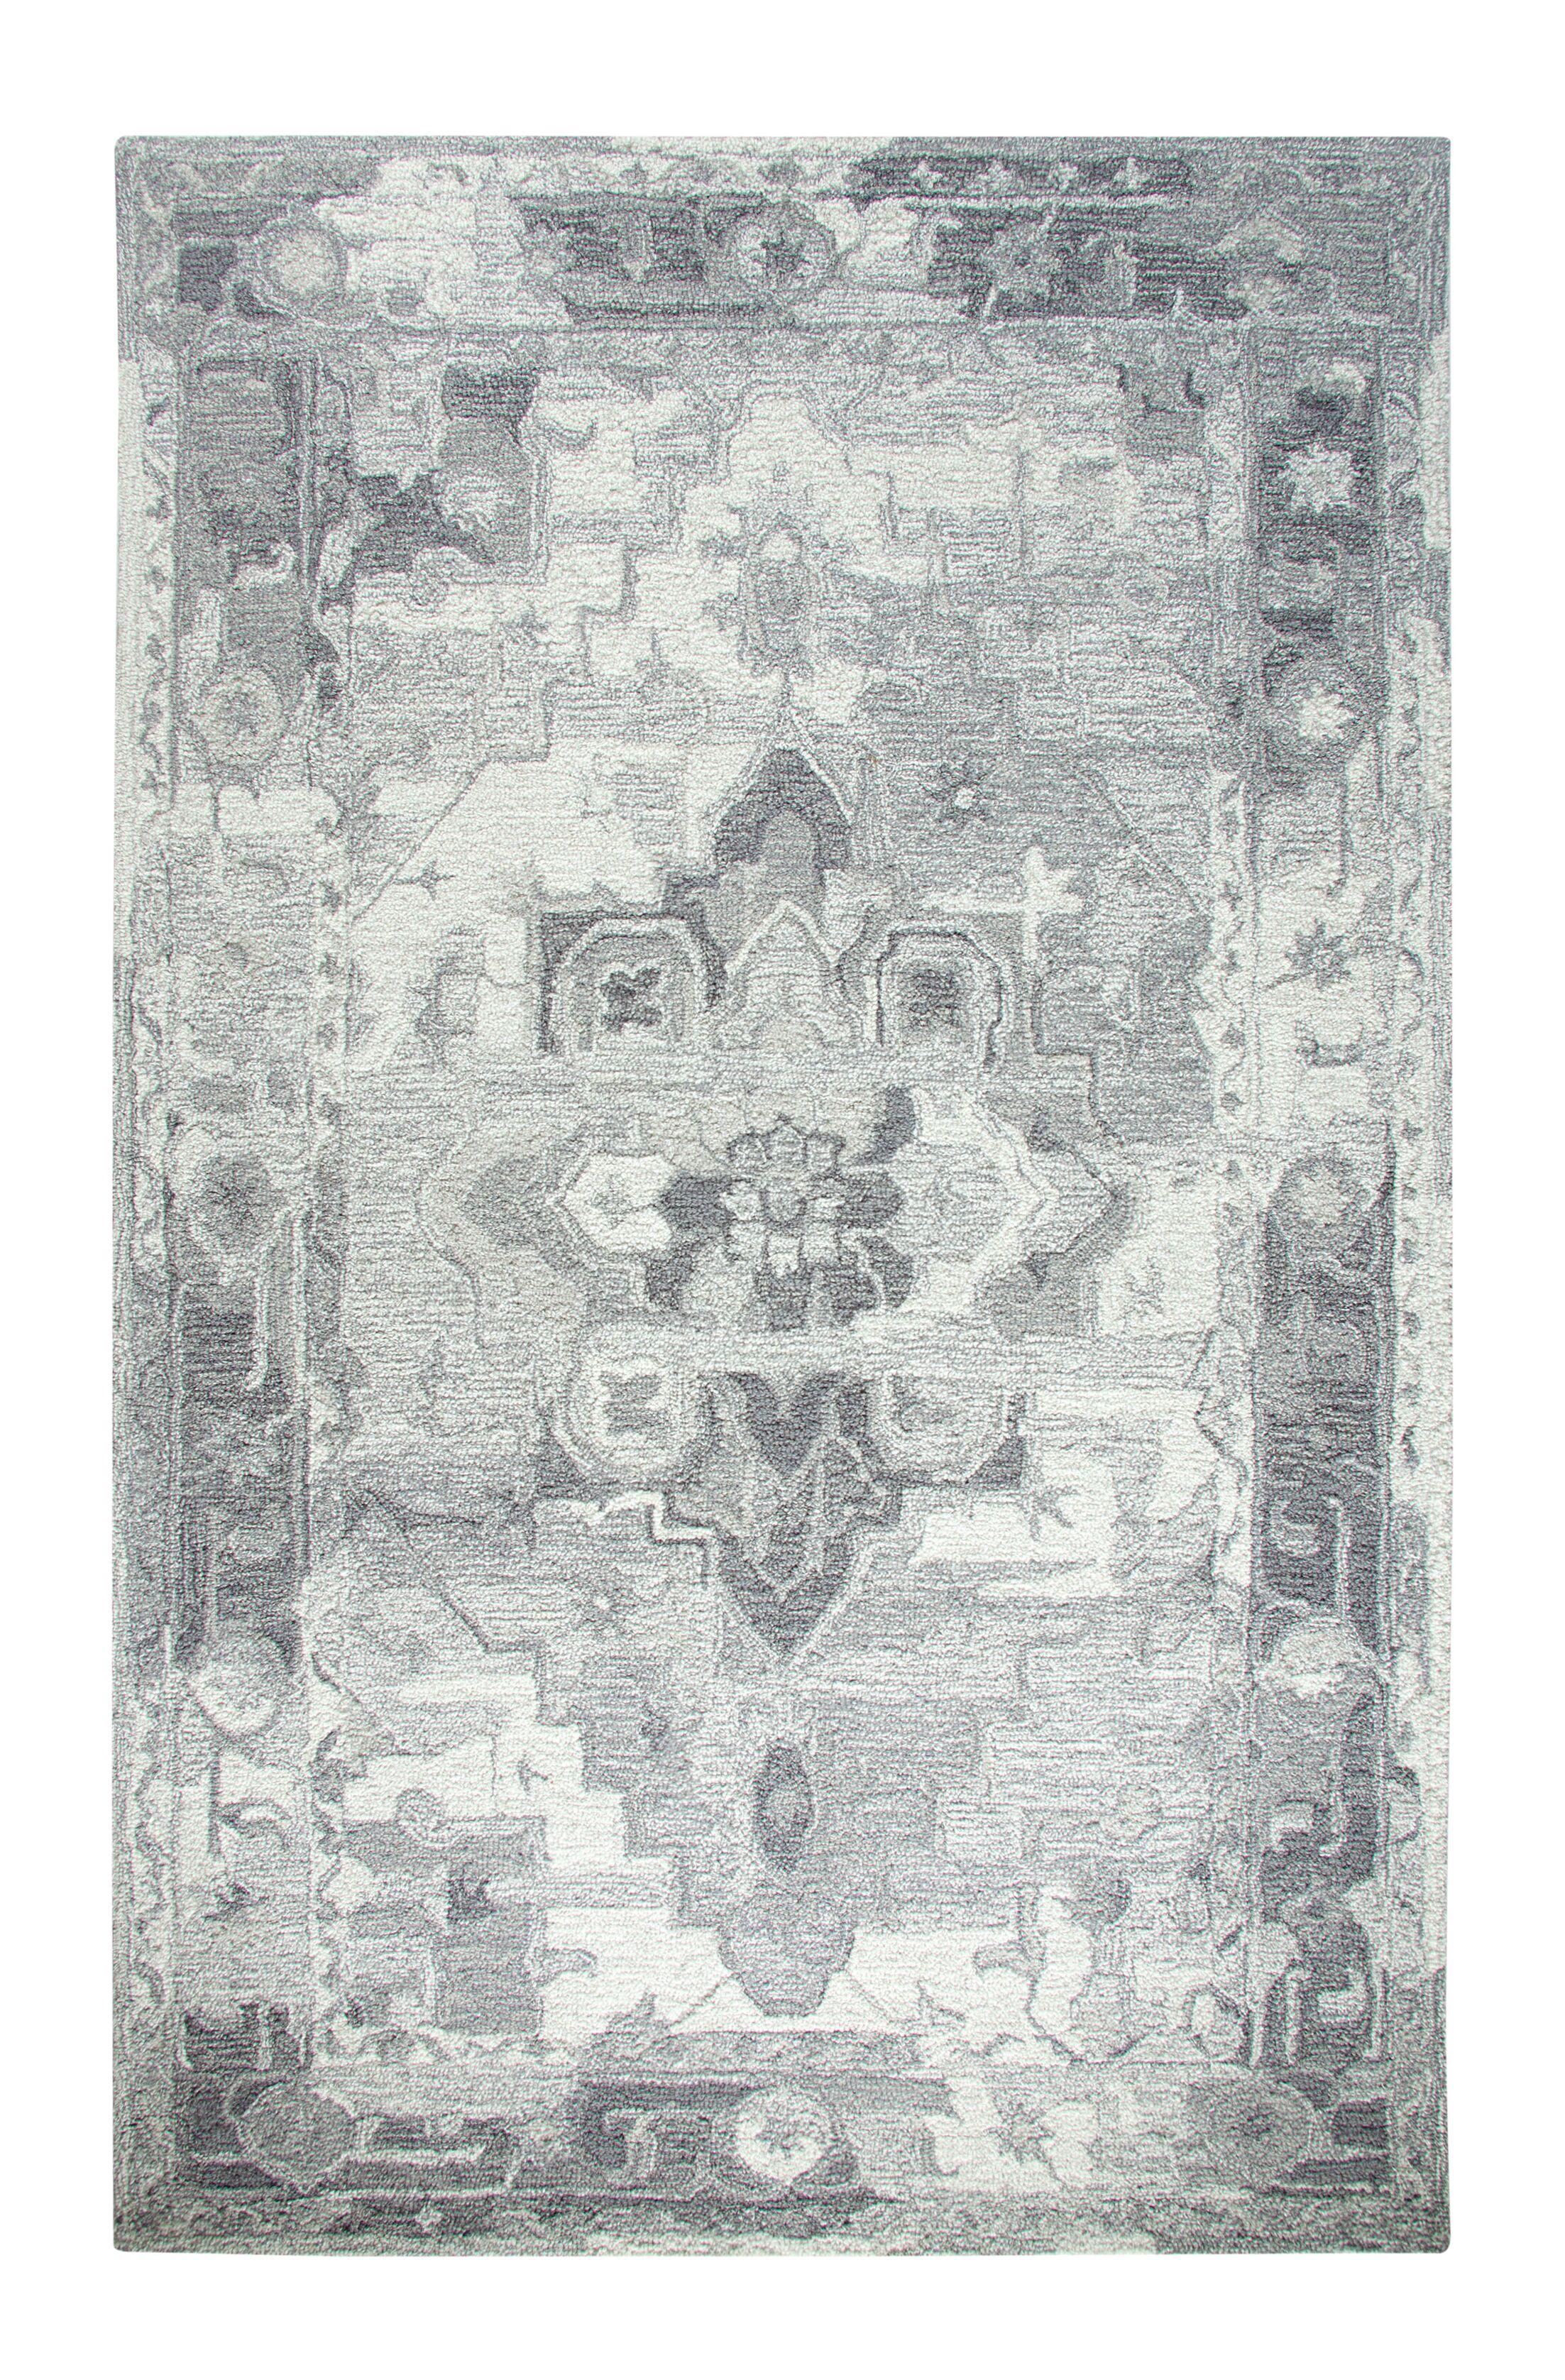 Montoya Gray Area Rug Rug Size: Rectangle 5' x 8'